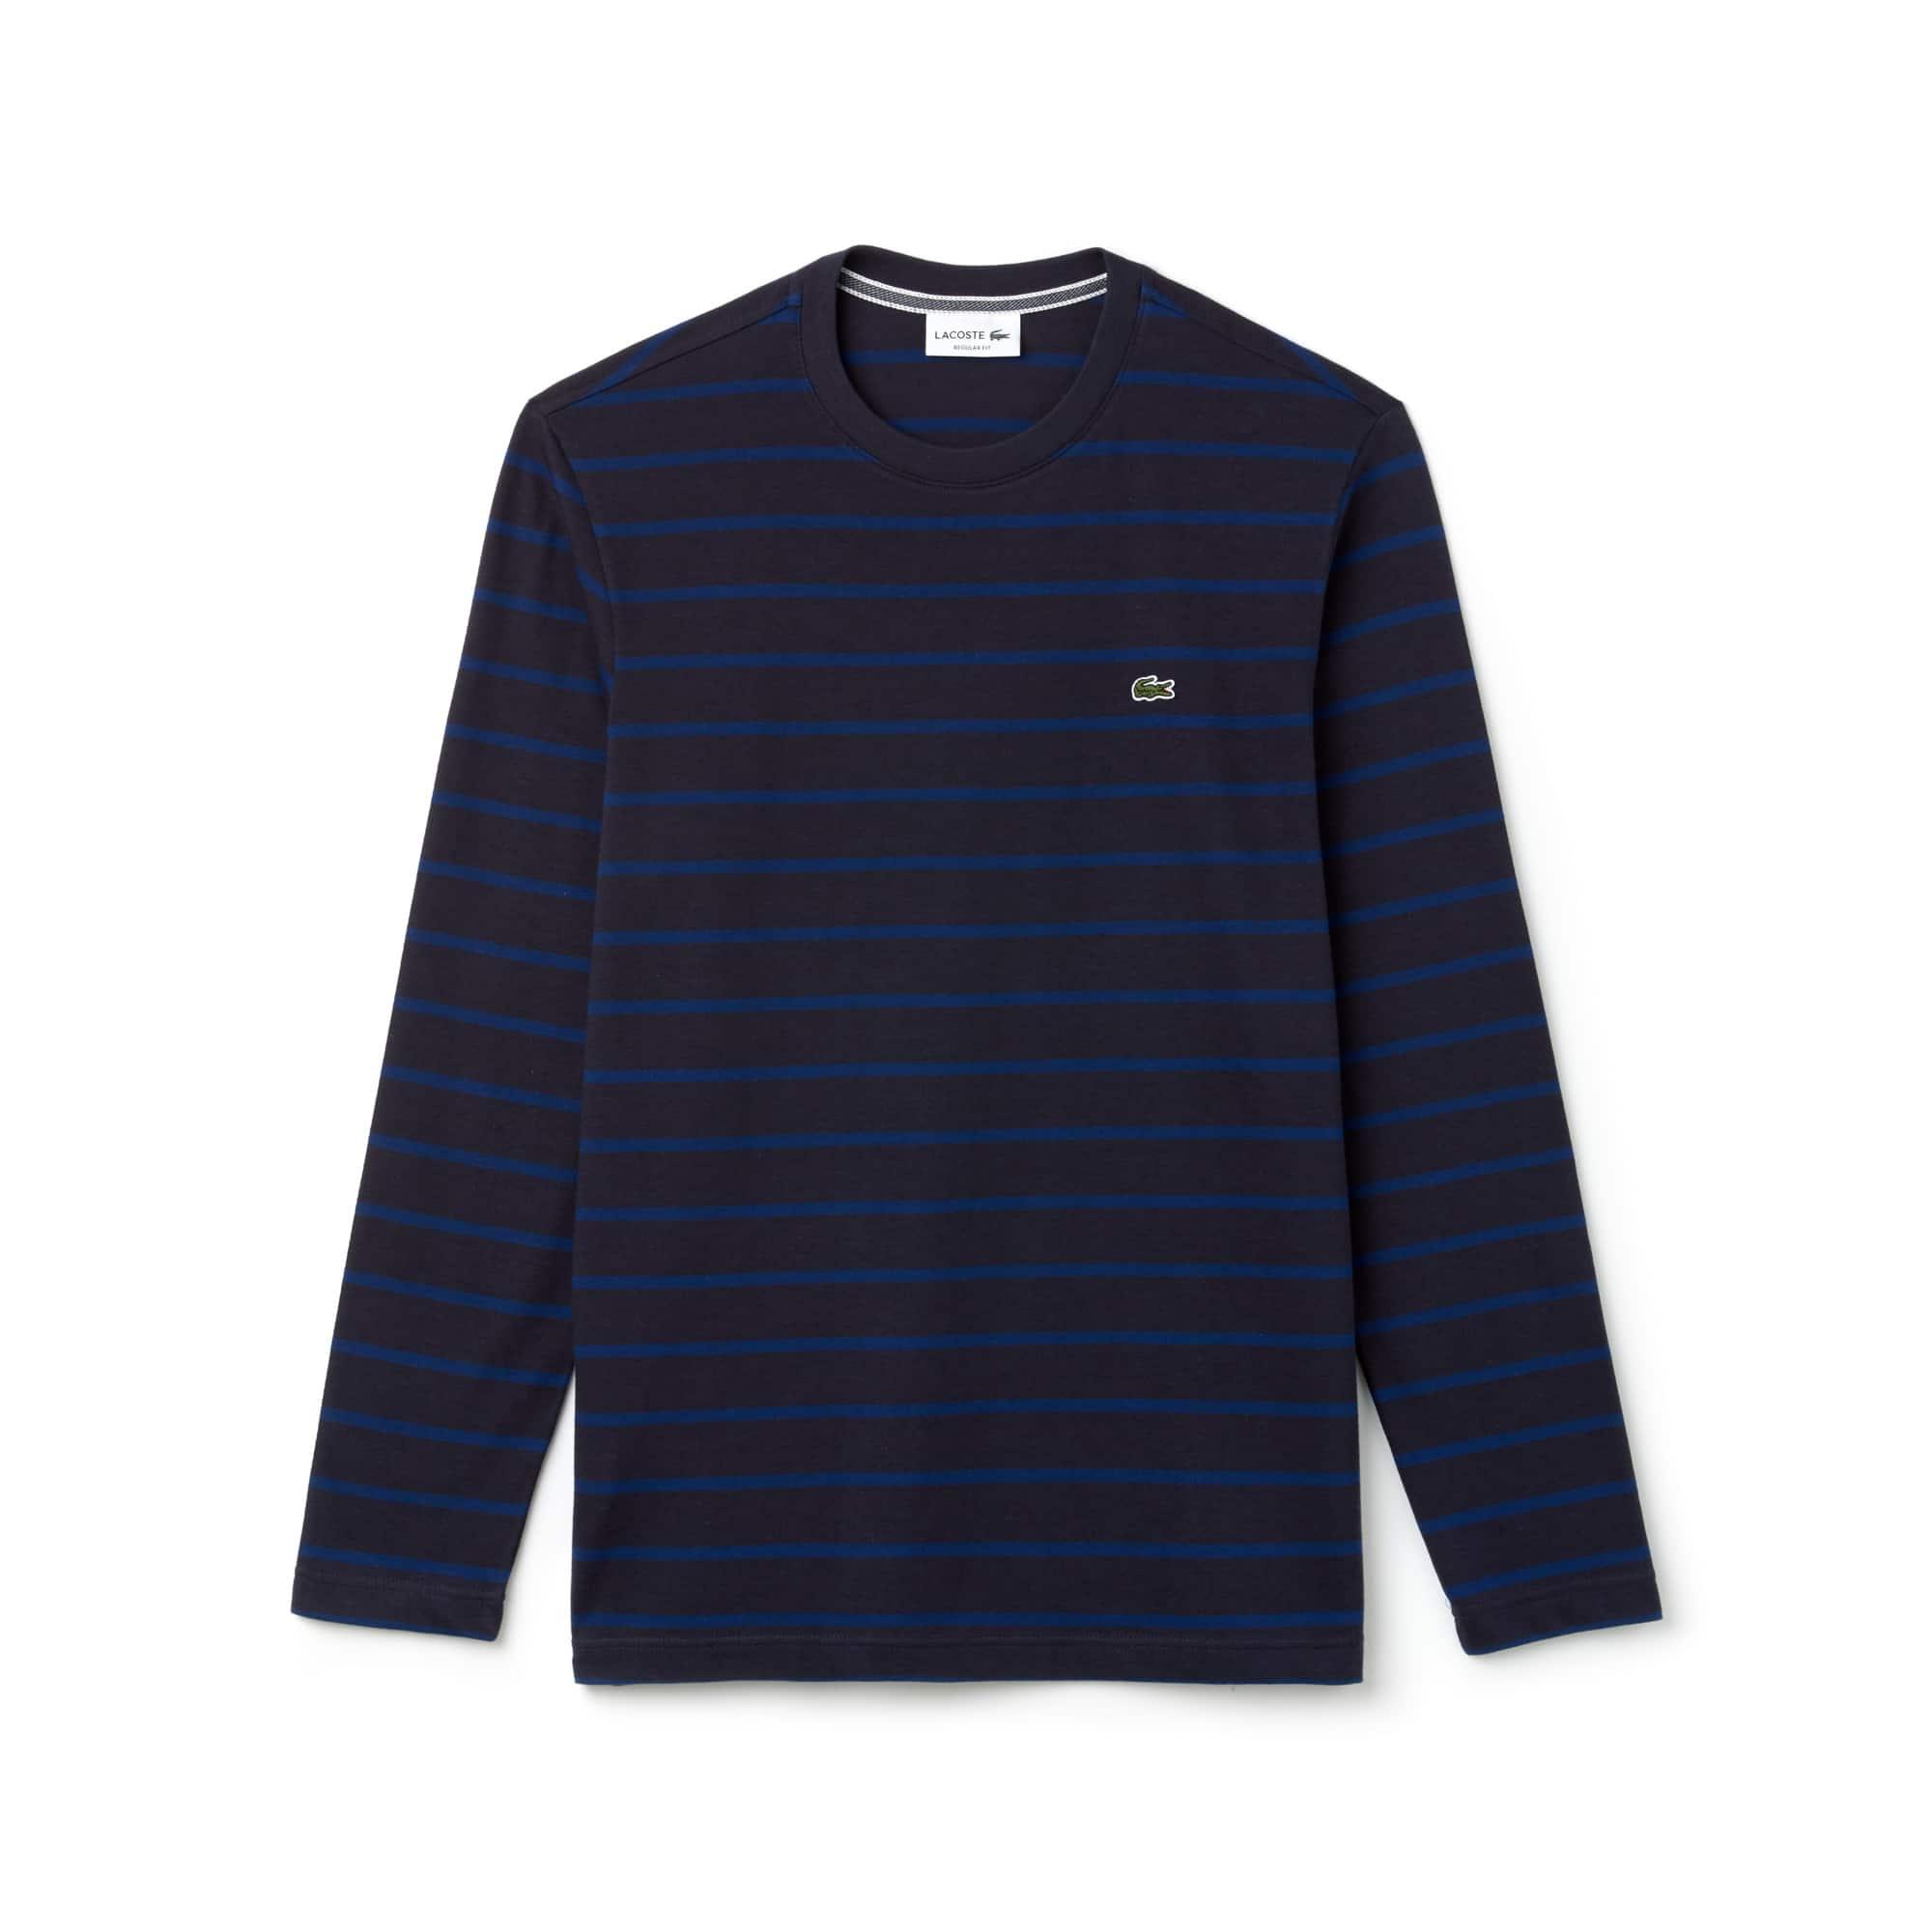 라코스테 Lacoste Mens Crew Neck Striped Jersey T-shirt,blue / navy blue